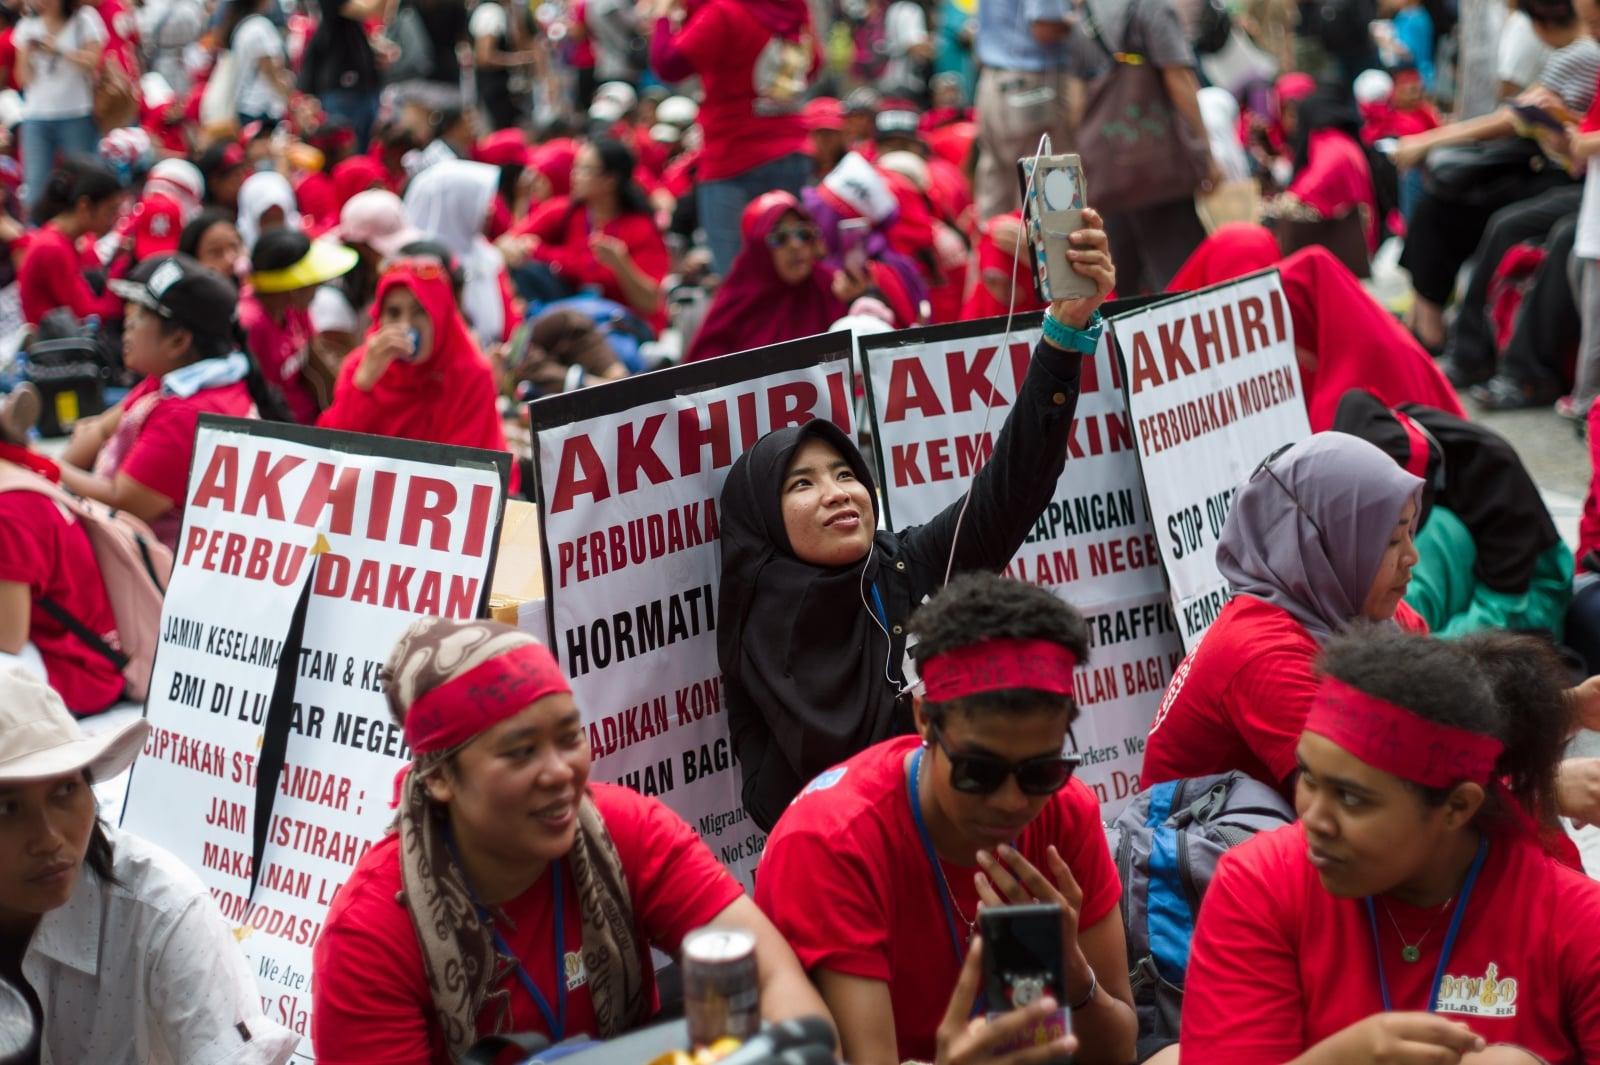 Indonezja EPA/JEROME FAVRE